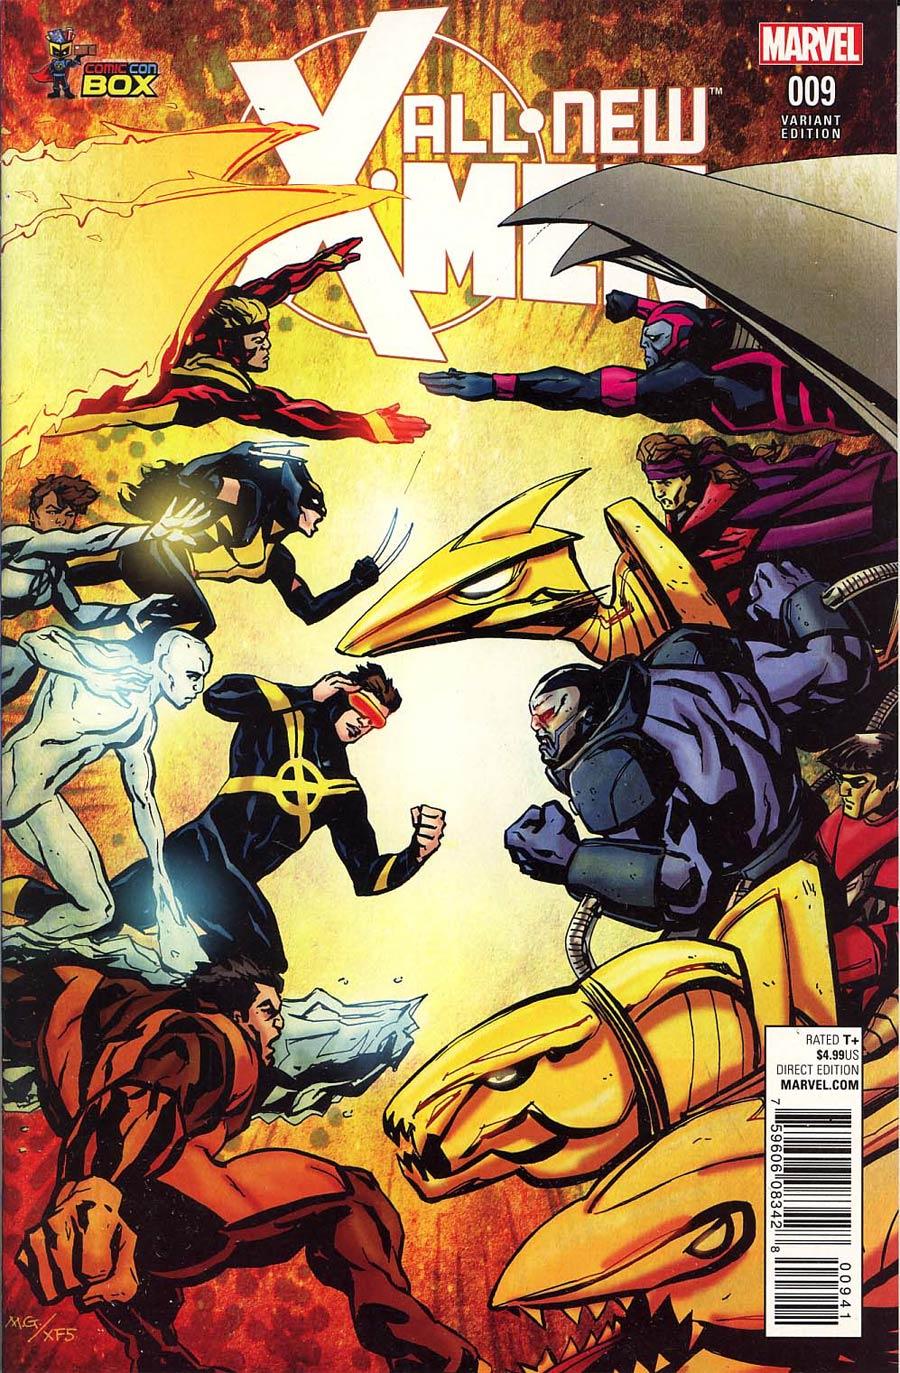 All-New X-Men Vol 2 #9 Cover D Wizard World Comic Con Box Variant Cover (X-Men Apocalypse Wars Tie-In)